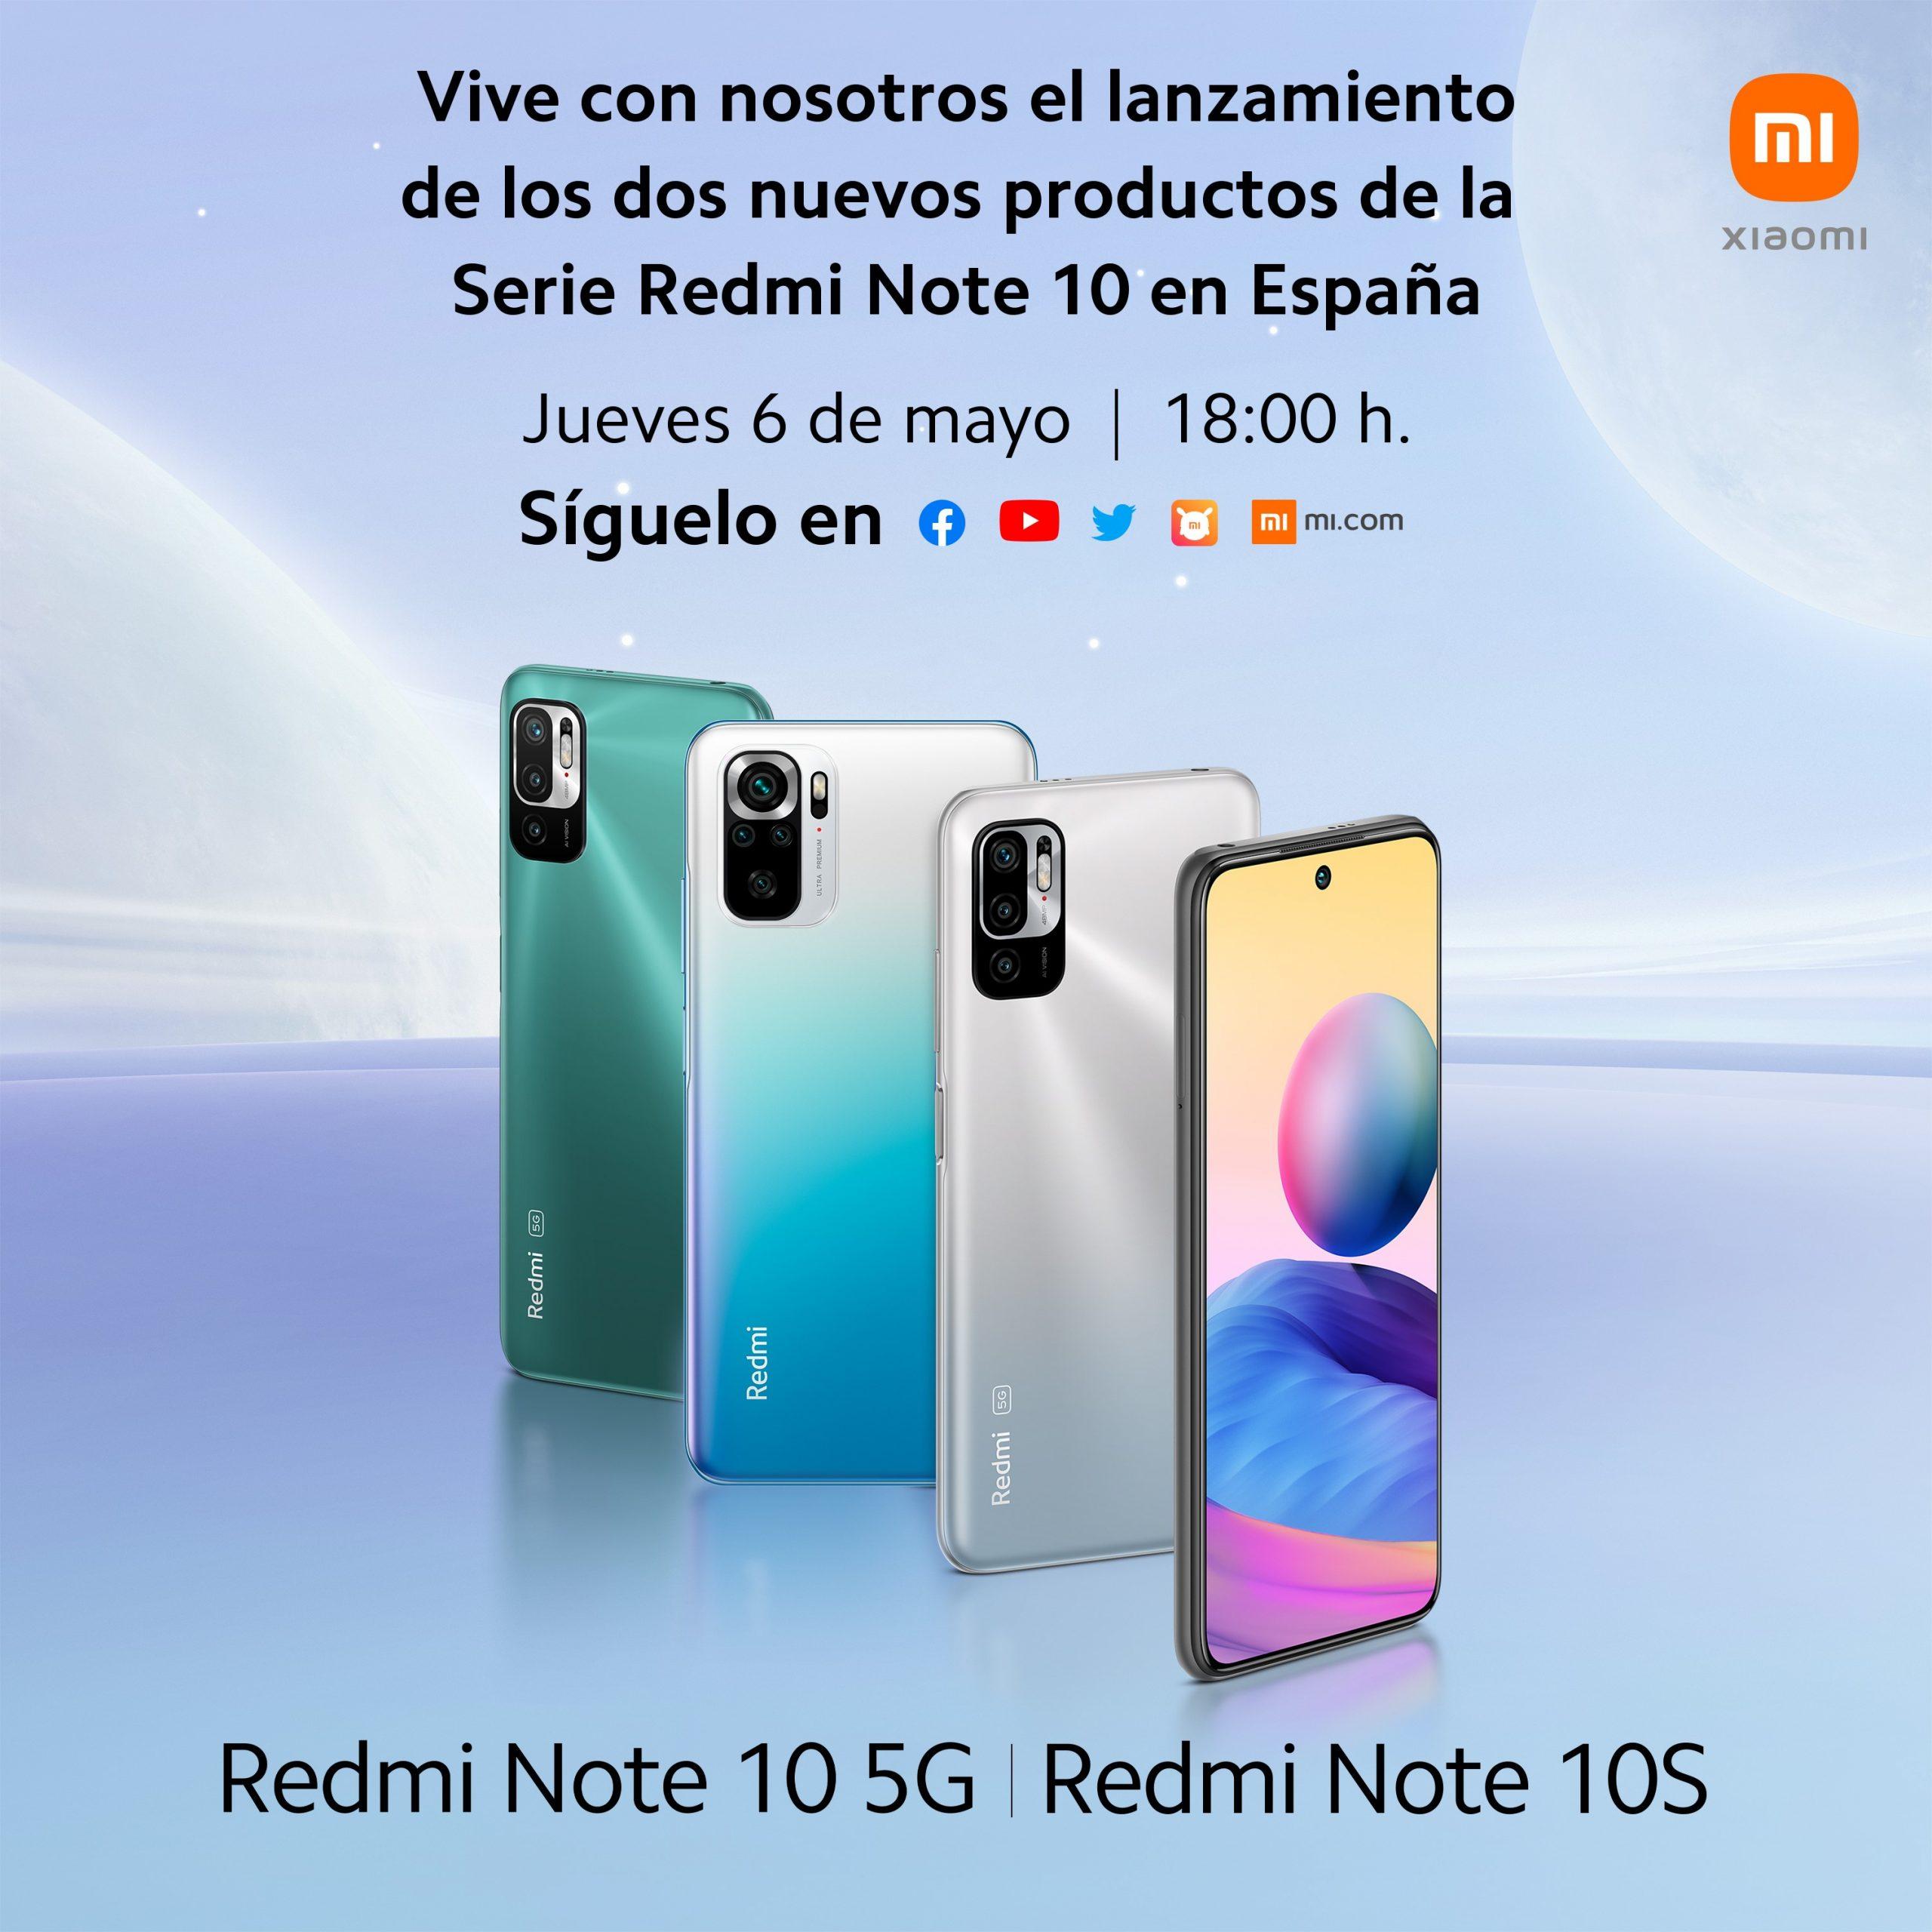 Los Redmi Note 10 5G y Note 10S llegarán a España oficialmente el 6 de mayo. Noticias Xiaomi A